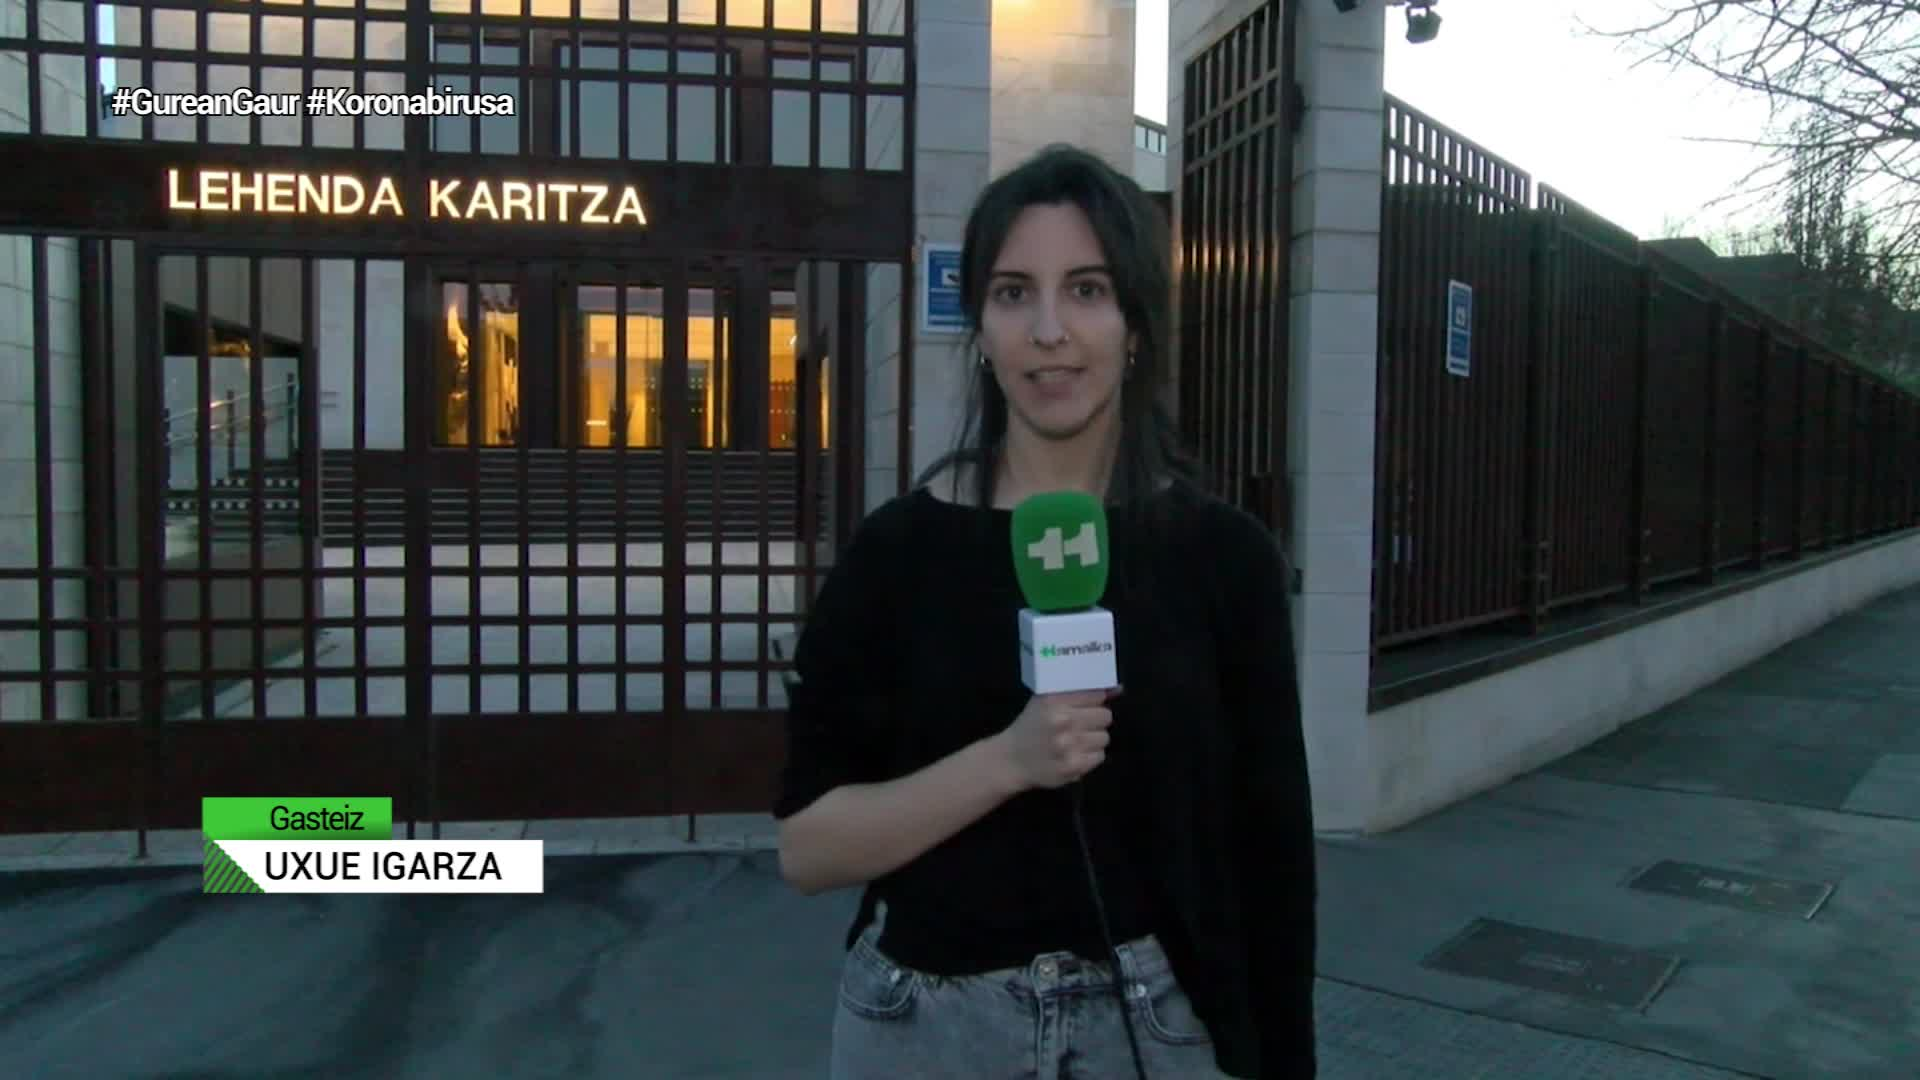 Arabako hezkuntza zentro guztiak ixtea erabaki du Eusko Jurlaritzak